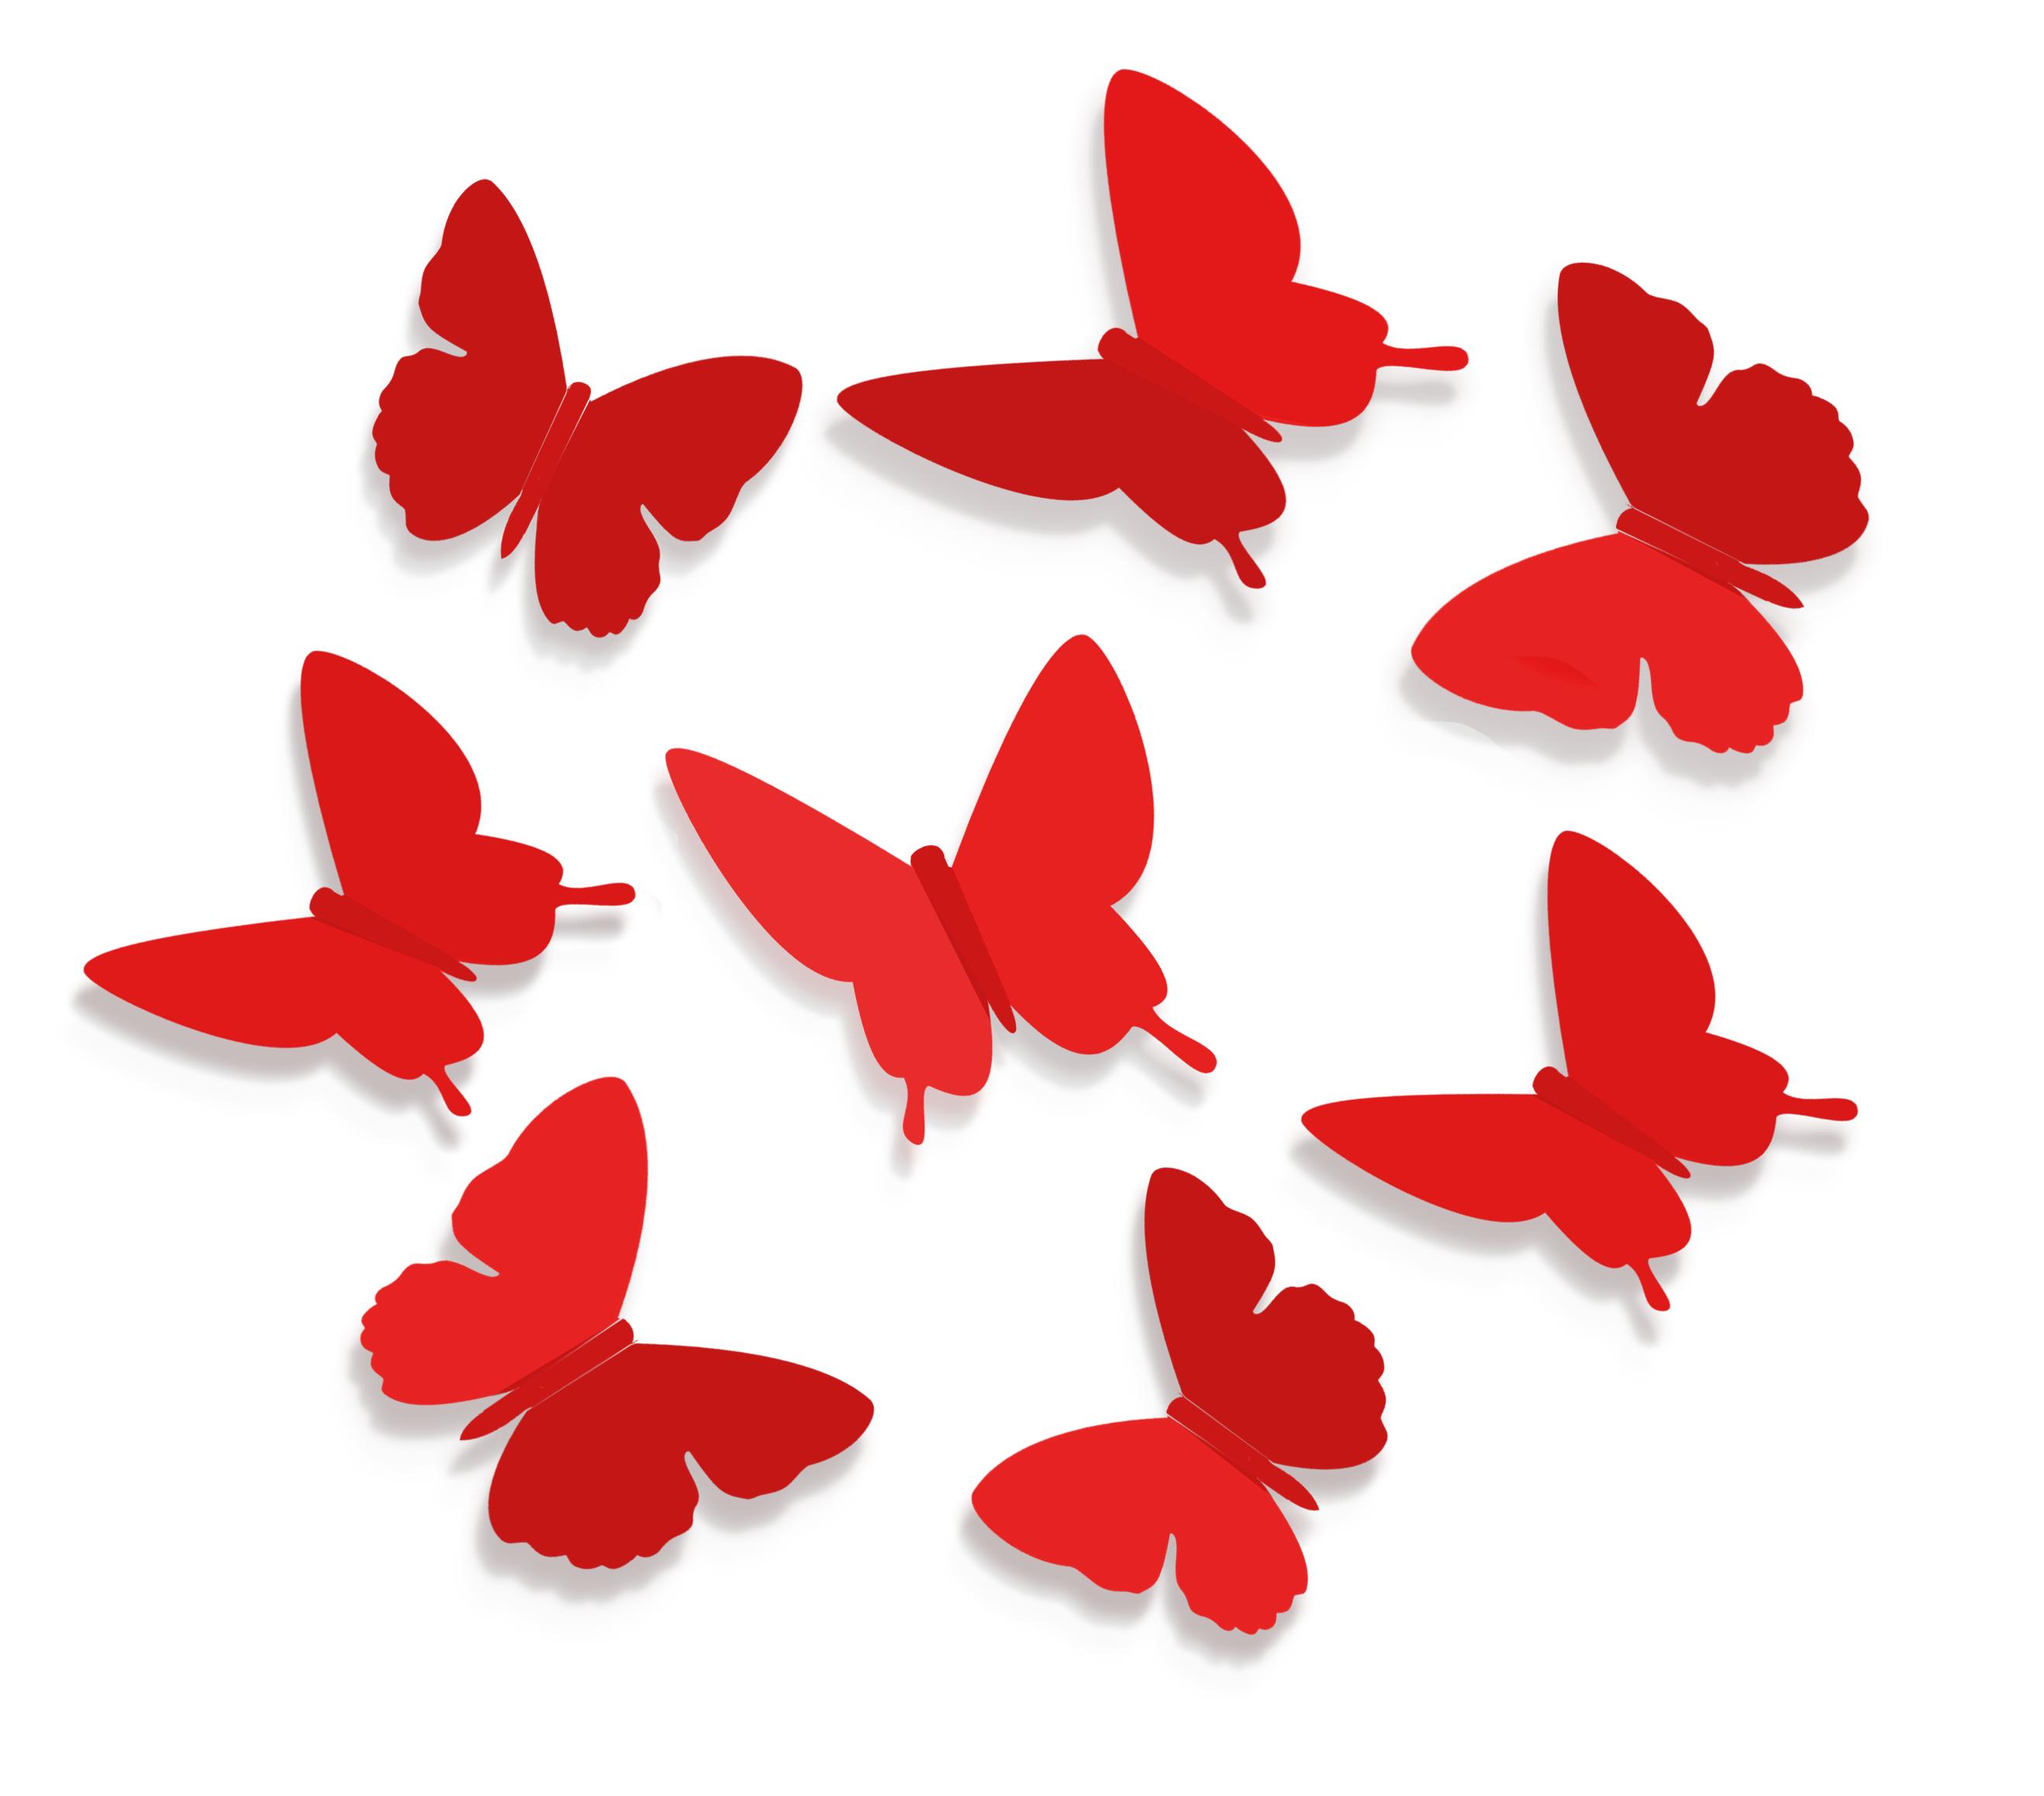 Бабочки для декора своими руками: из бумаги, объемные 72